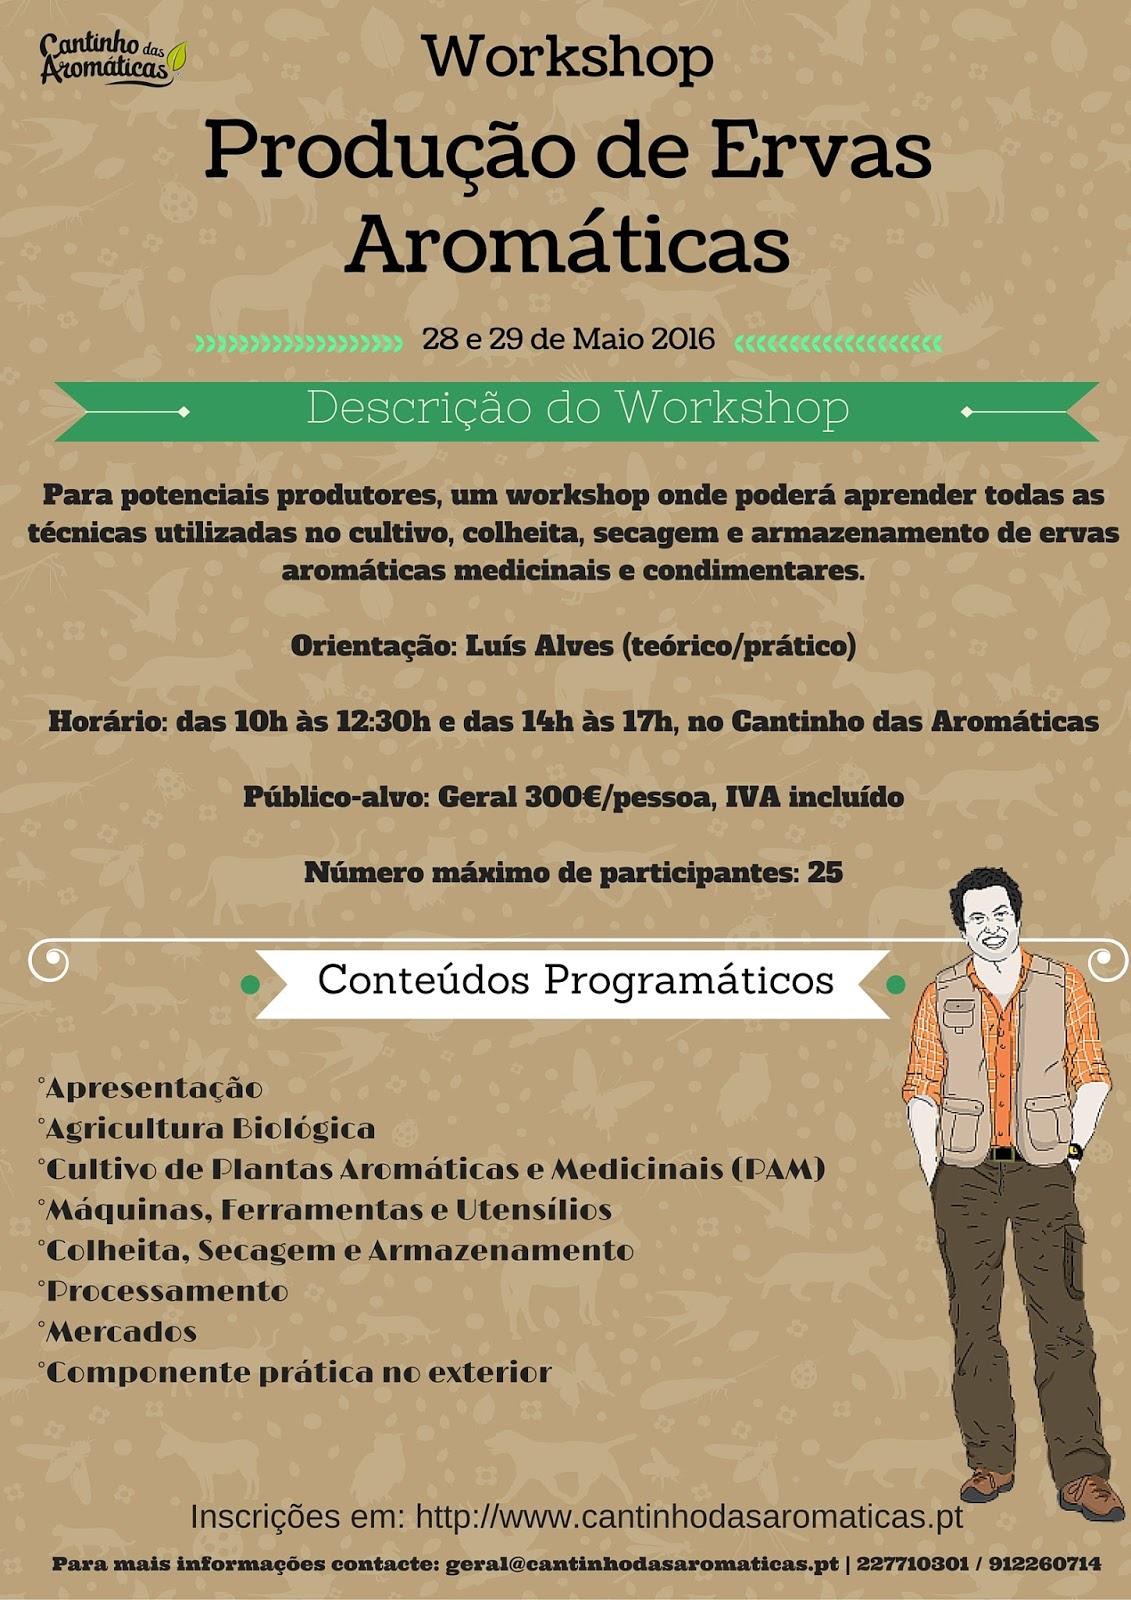 http://www.cantinhodasaromaticas.pt/loja/workshop-loja/workshop-producao-de-ervas-aromaticas/